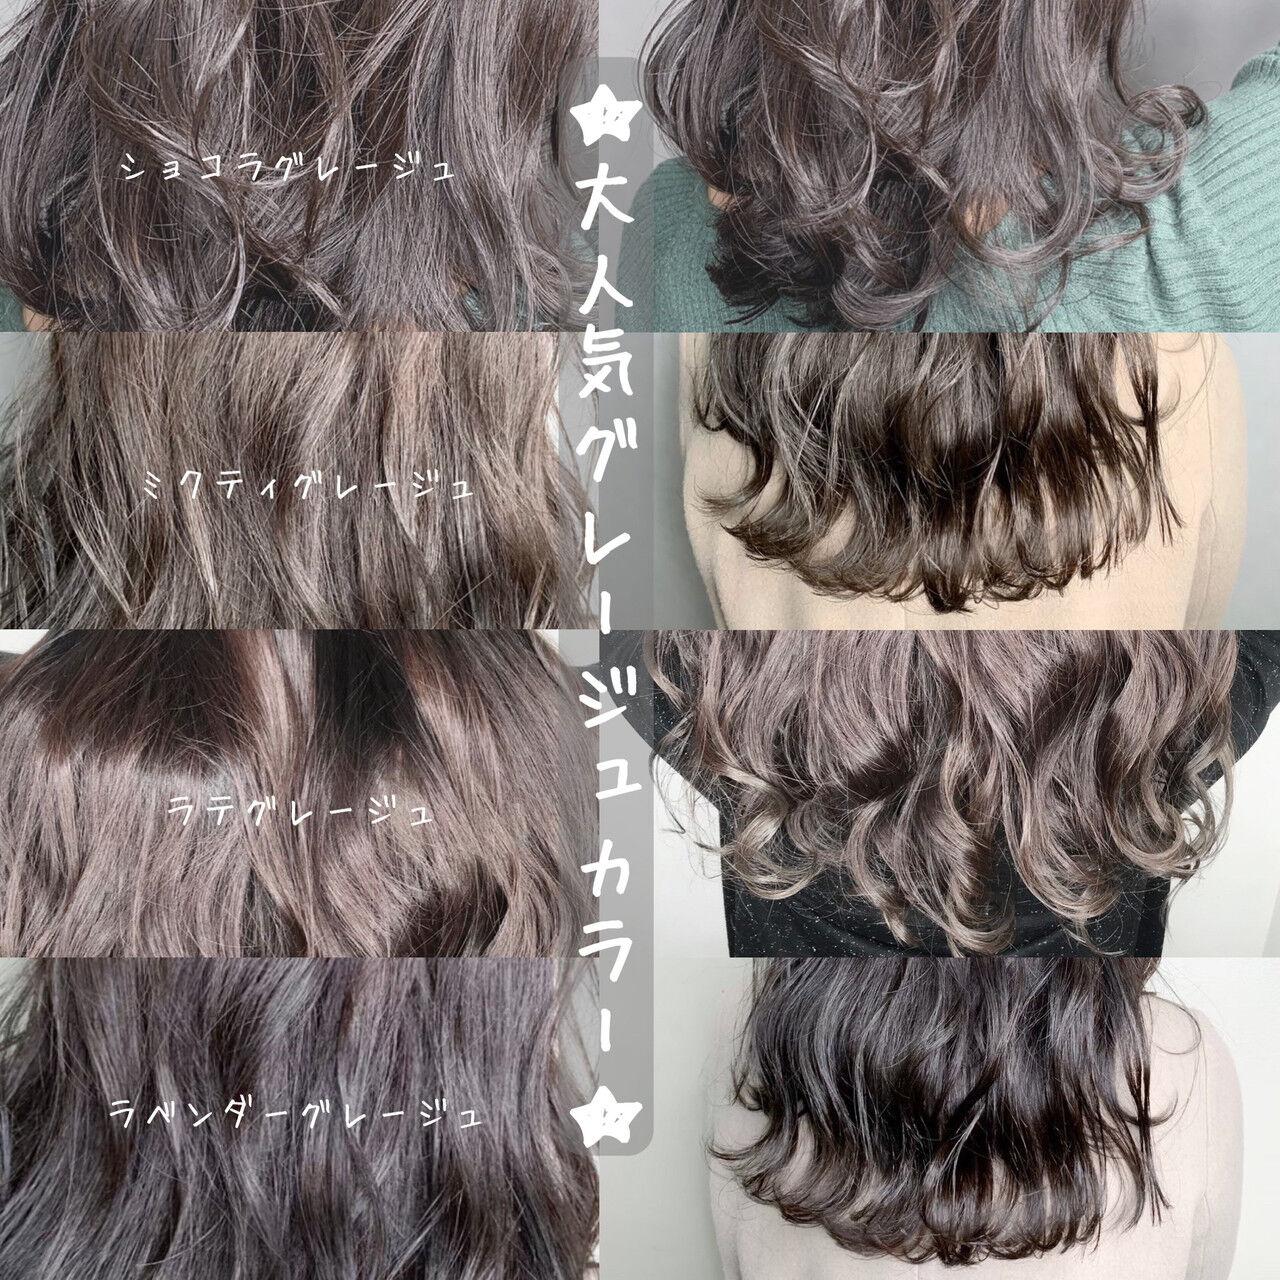 アッシュグレージュ ミルクティーグレージュ グレージュ ラベンダーグレージュヘアスタイルや髪型の写真・画像